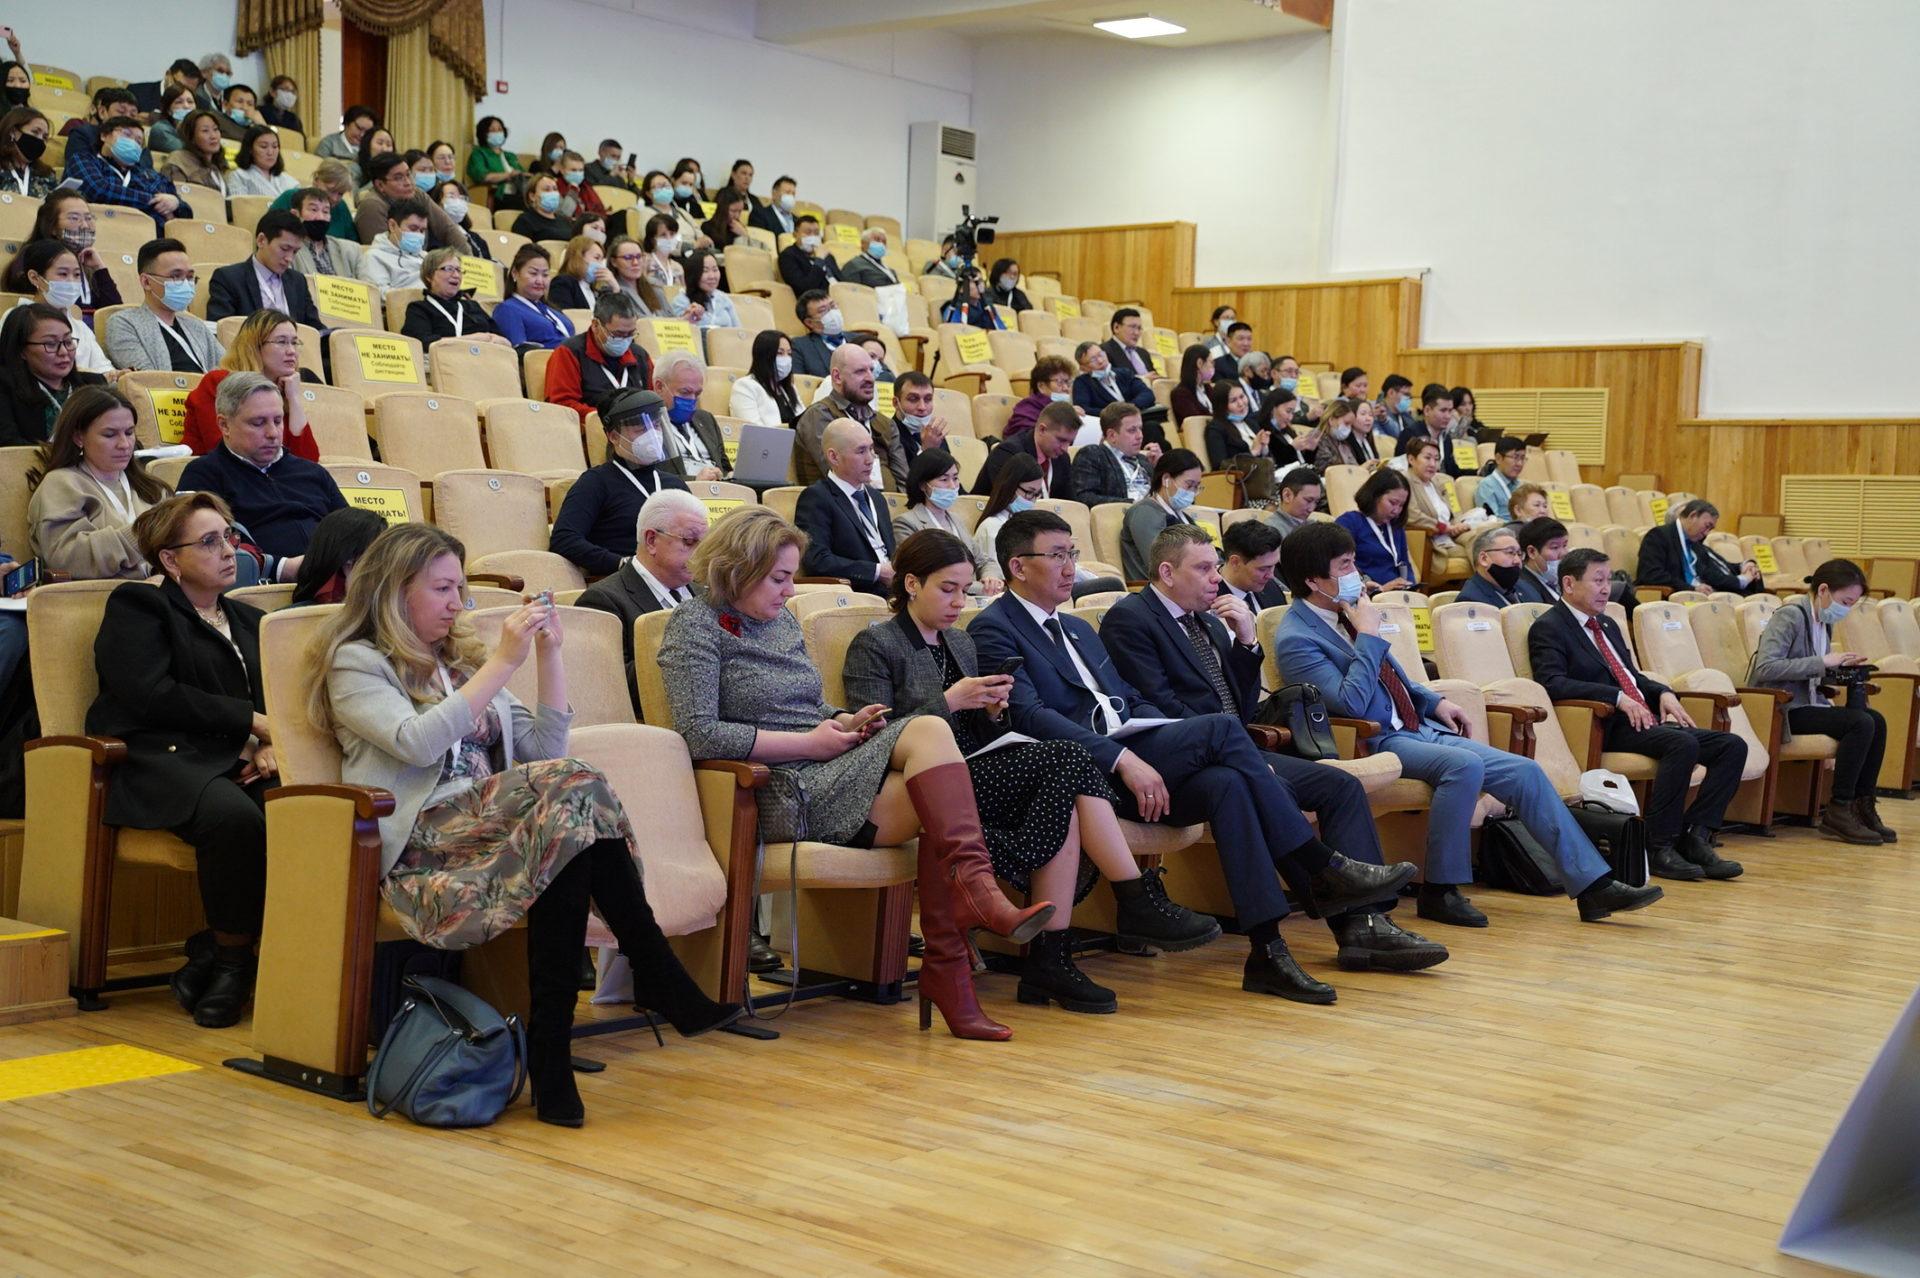 Министр образования и науки РС(Я) Михаил Сивцев выступил на экспертной дискуссии «Наука и молодежь»